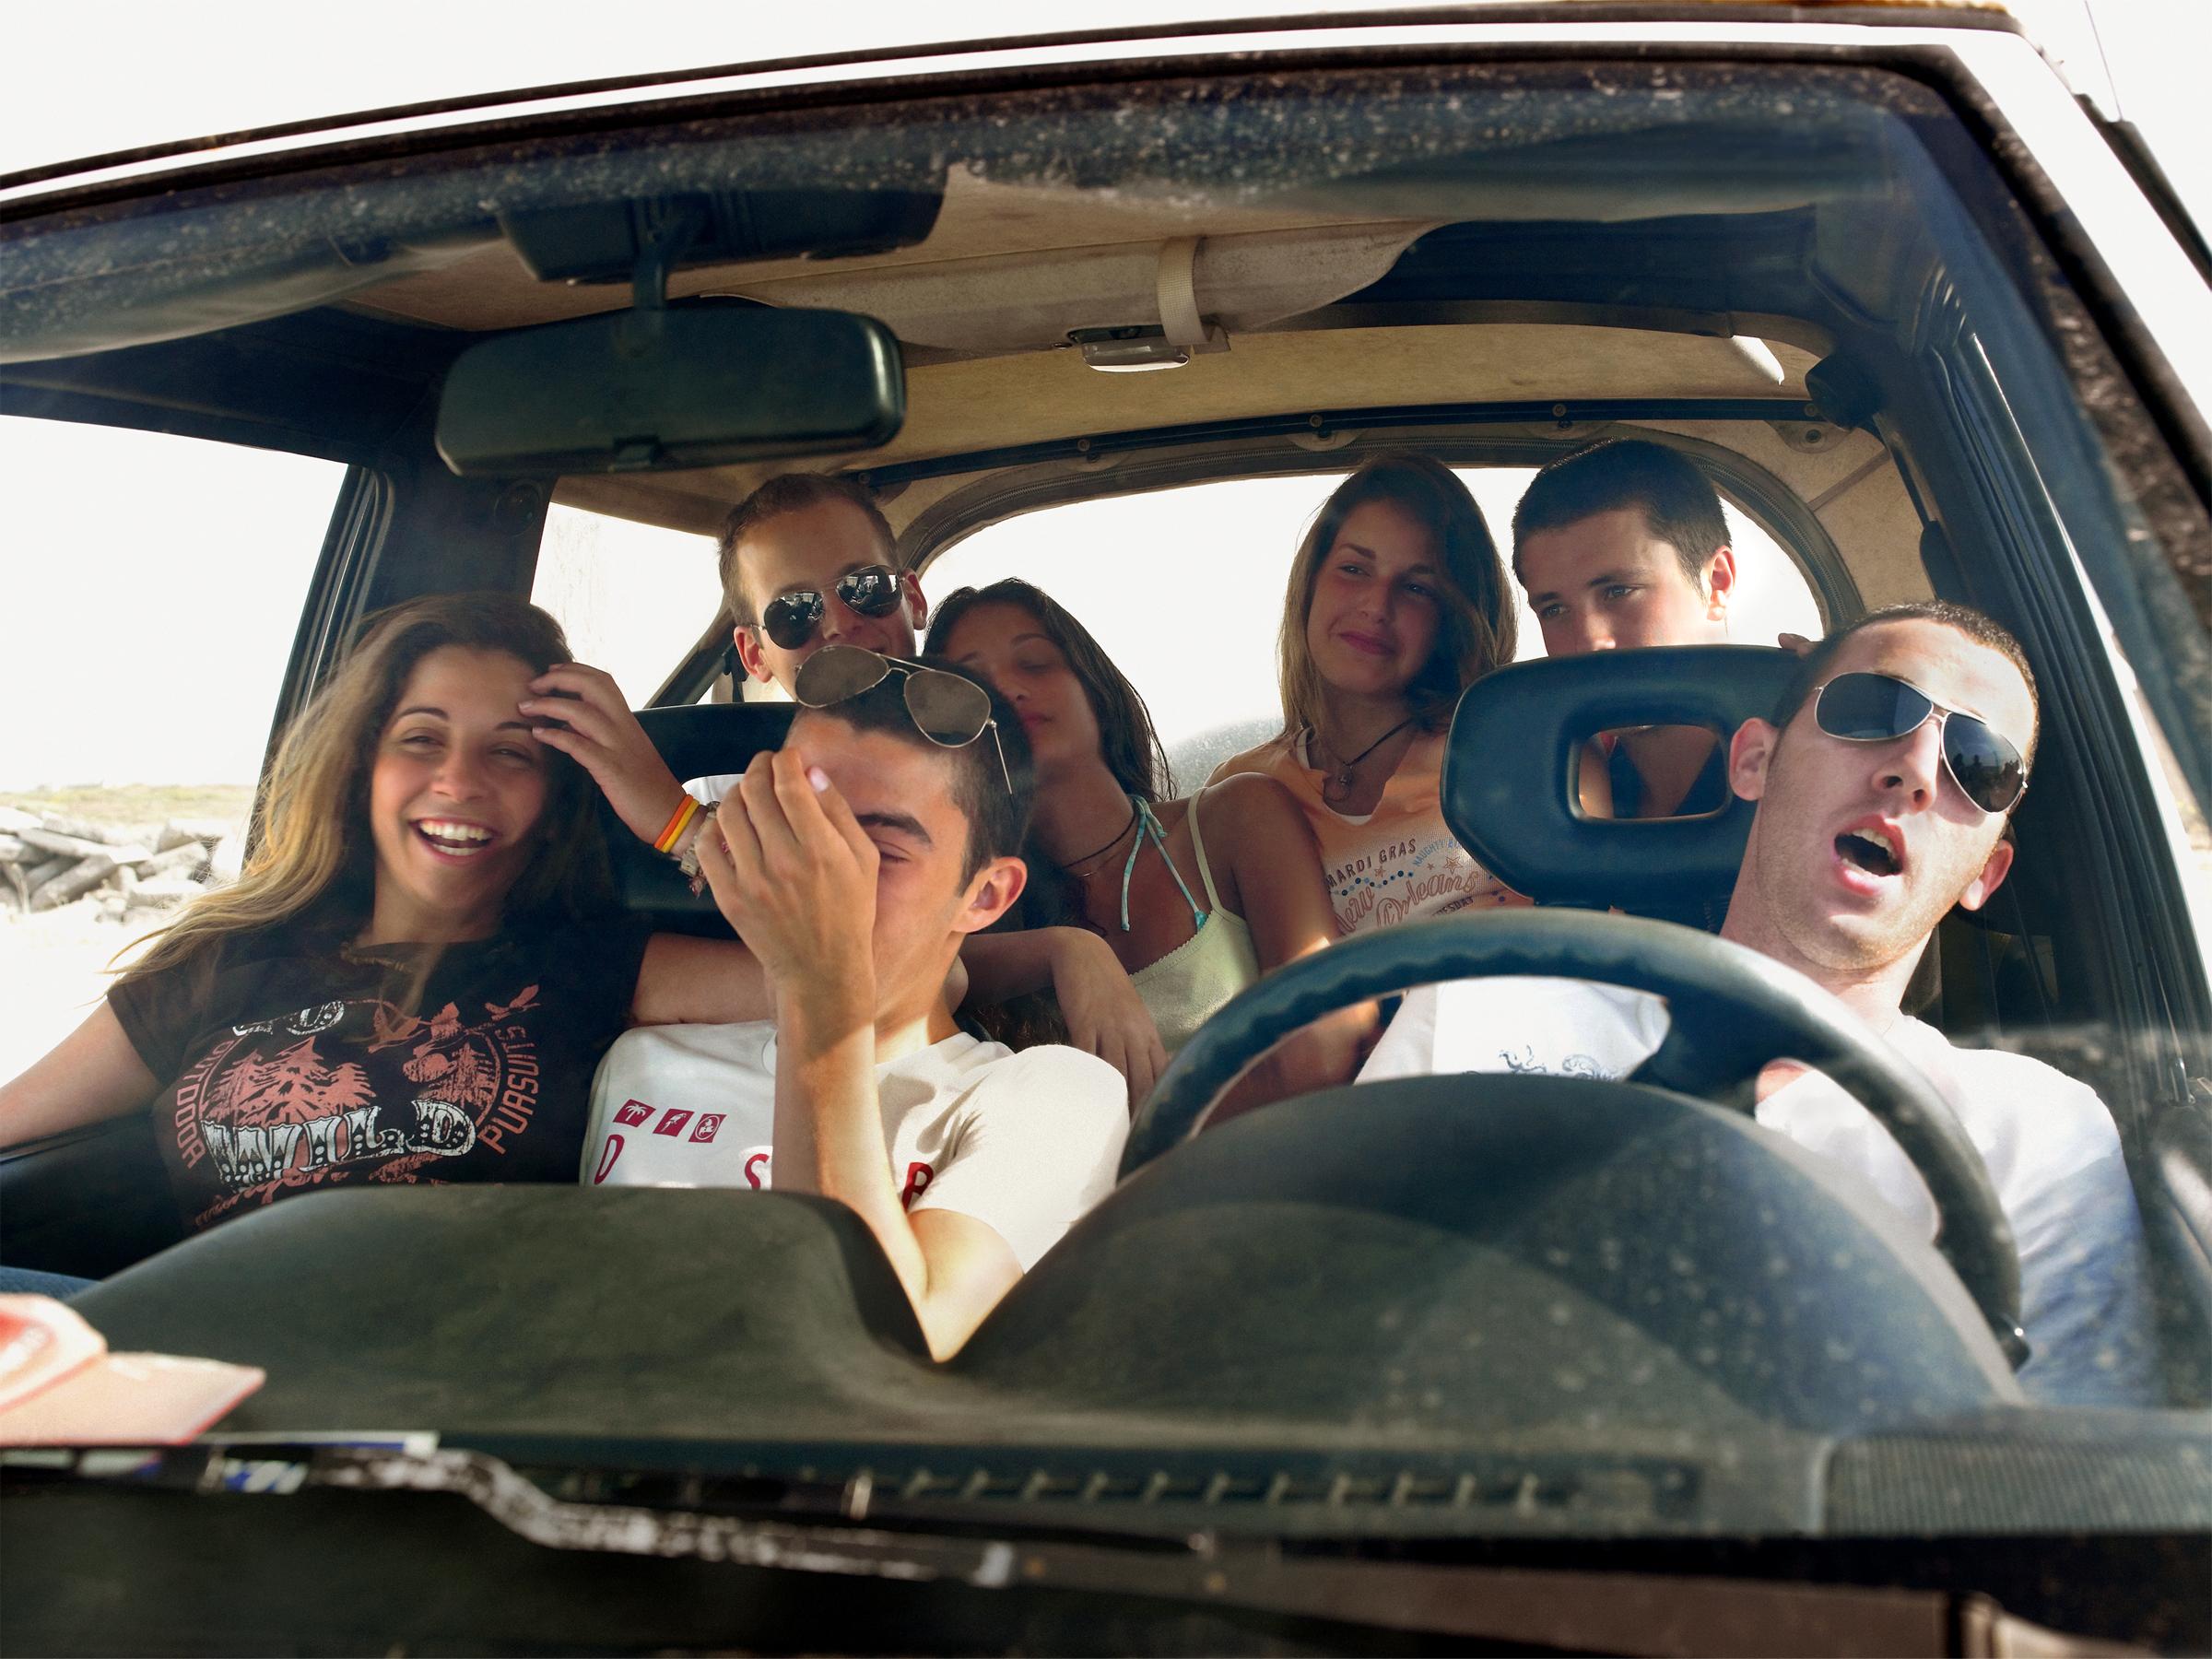 Israel Kids In Car Folio Print.jpg